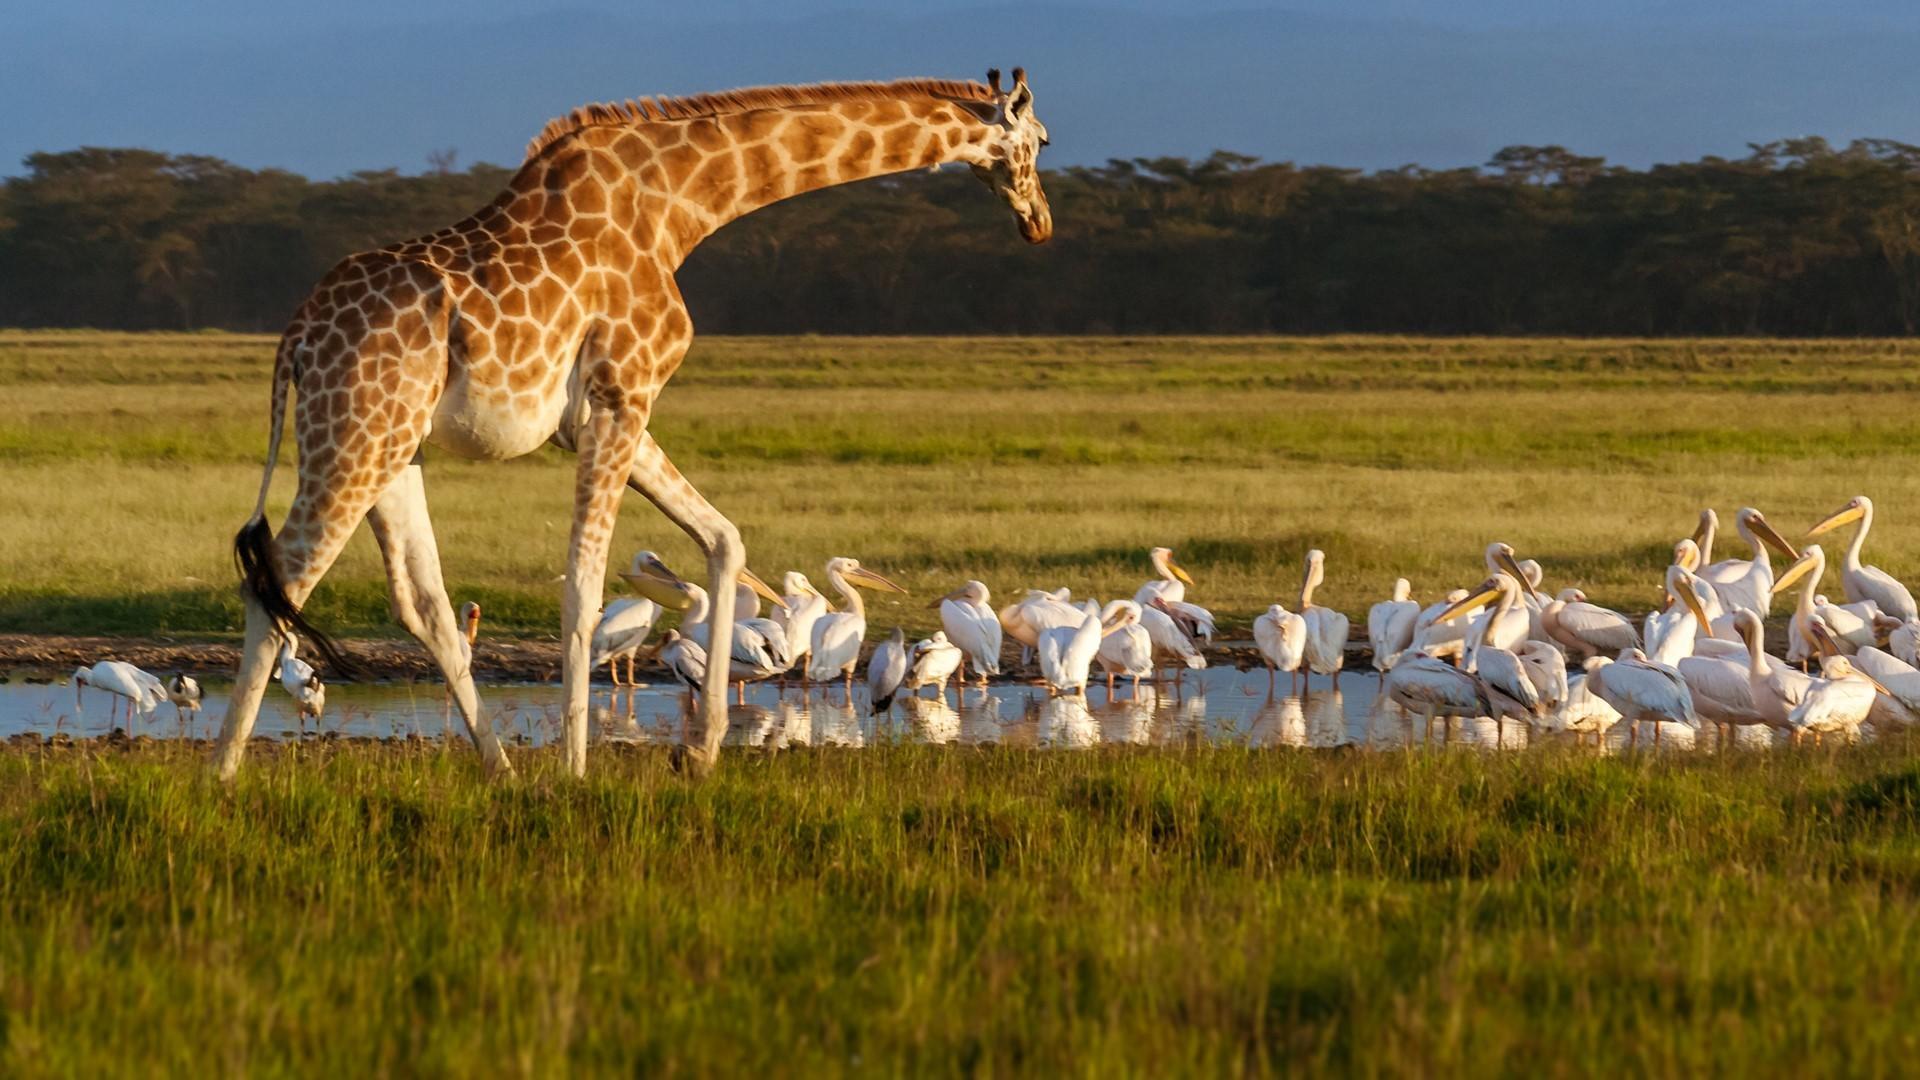 Животные и птицы озера Накуру в Кении